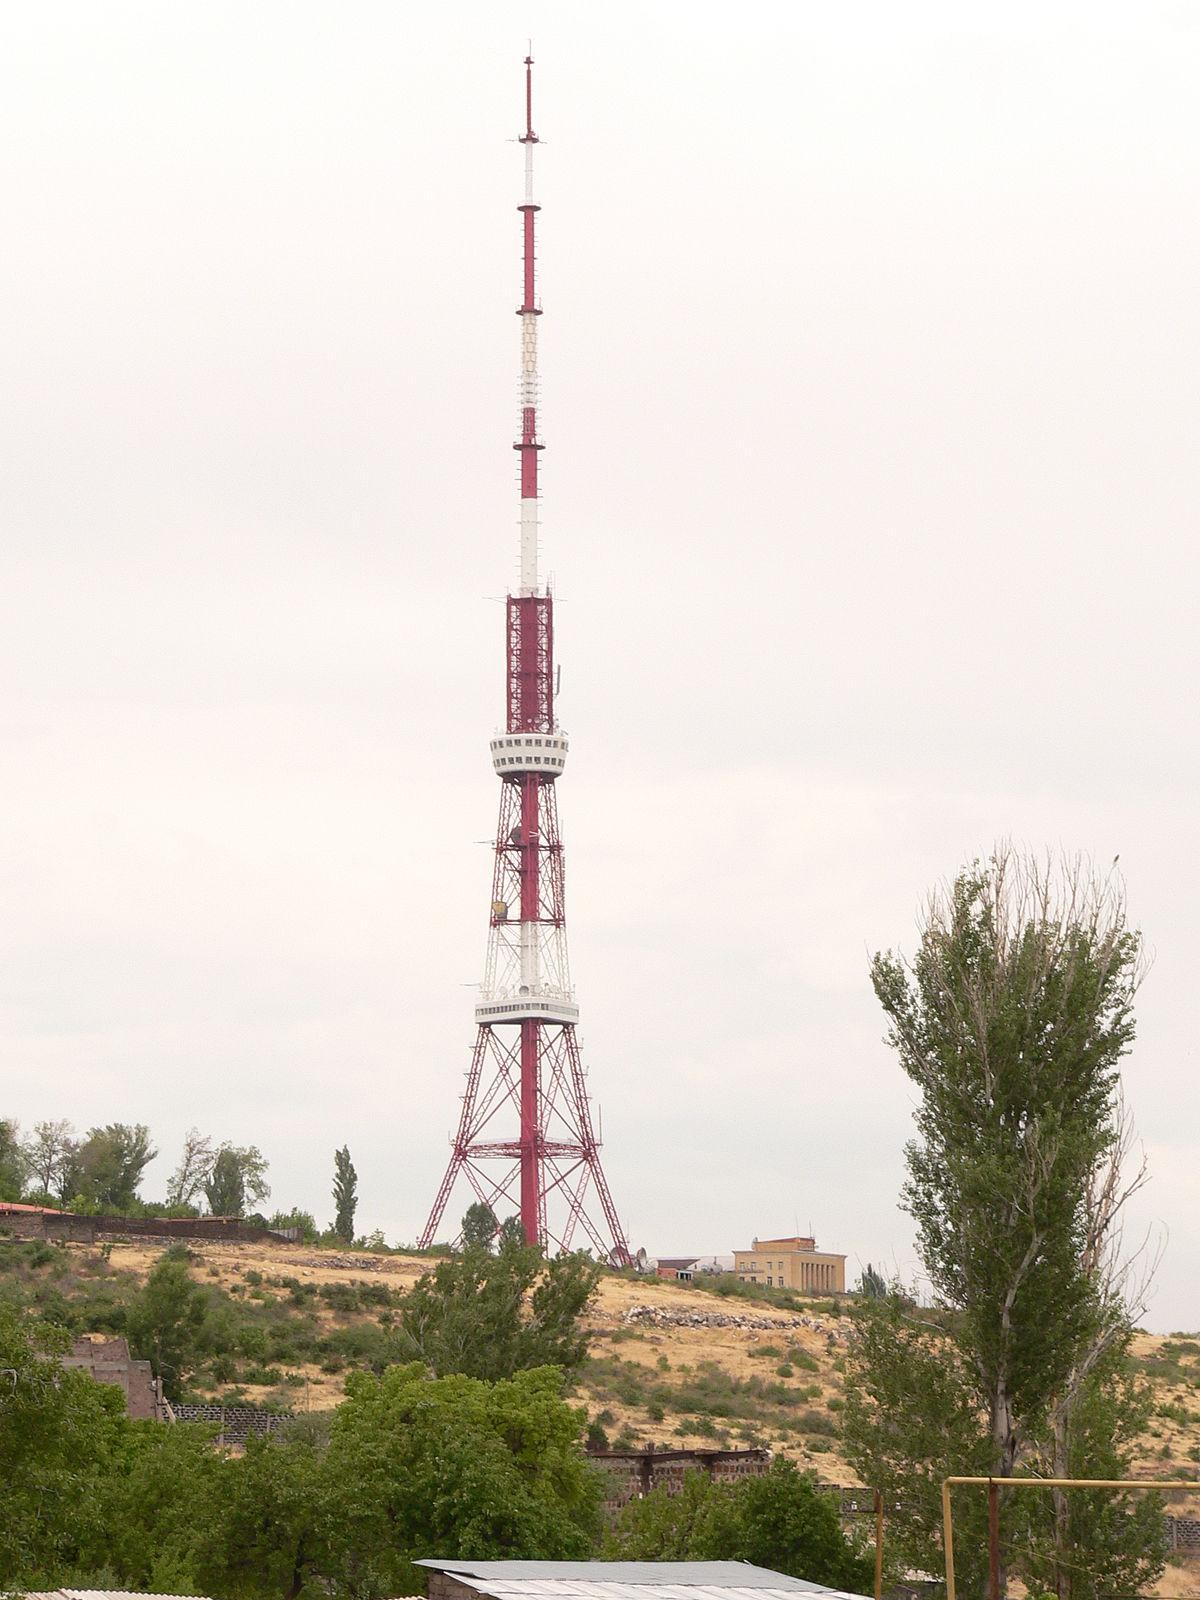 Yerevan TV Tower - Wikipedia